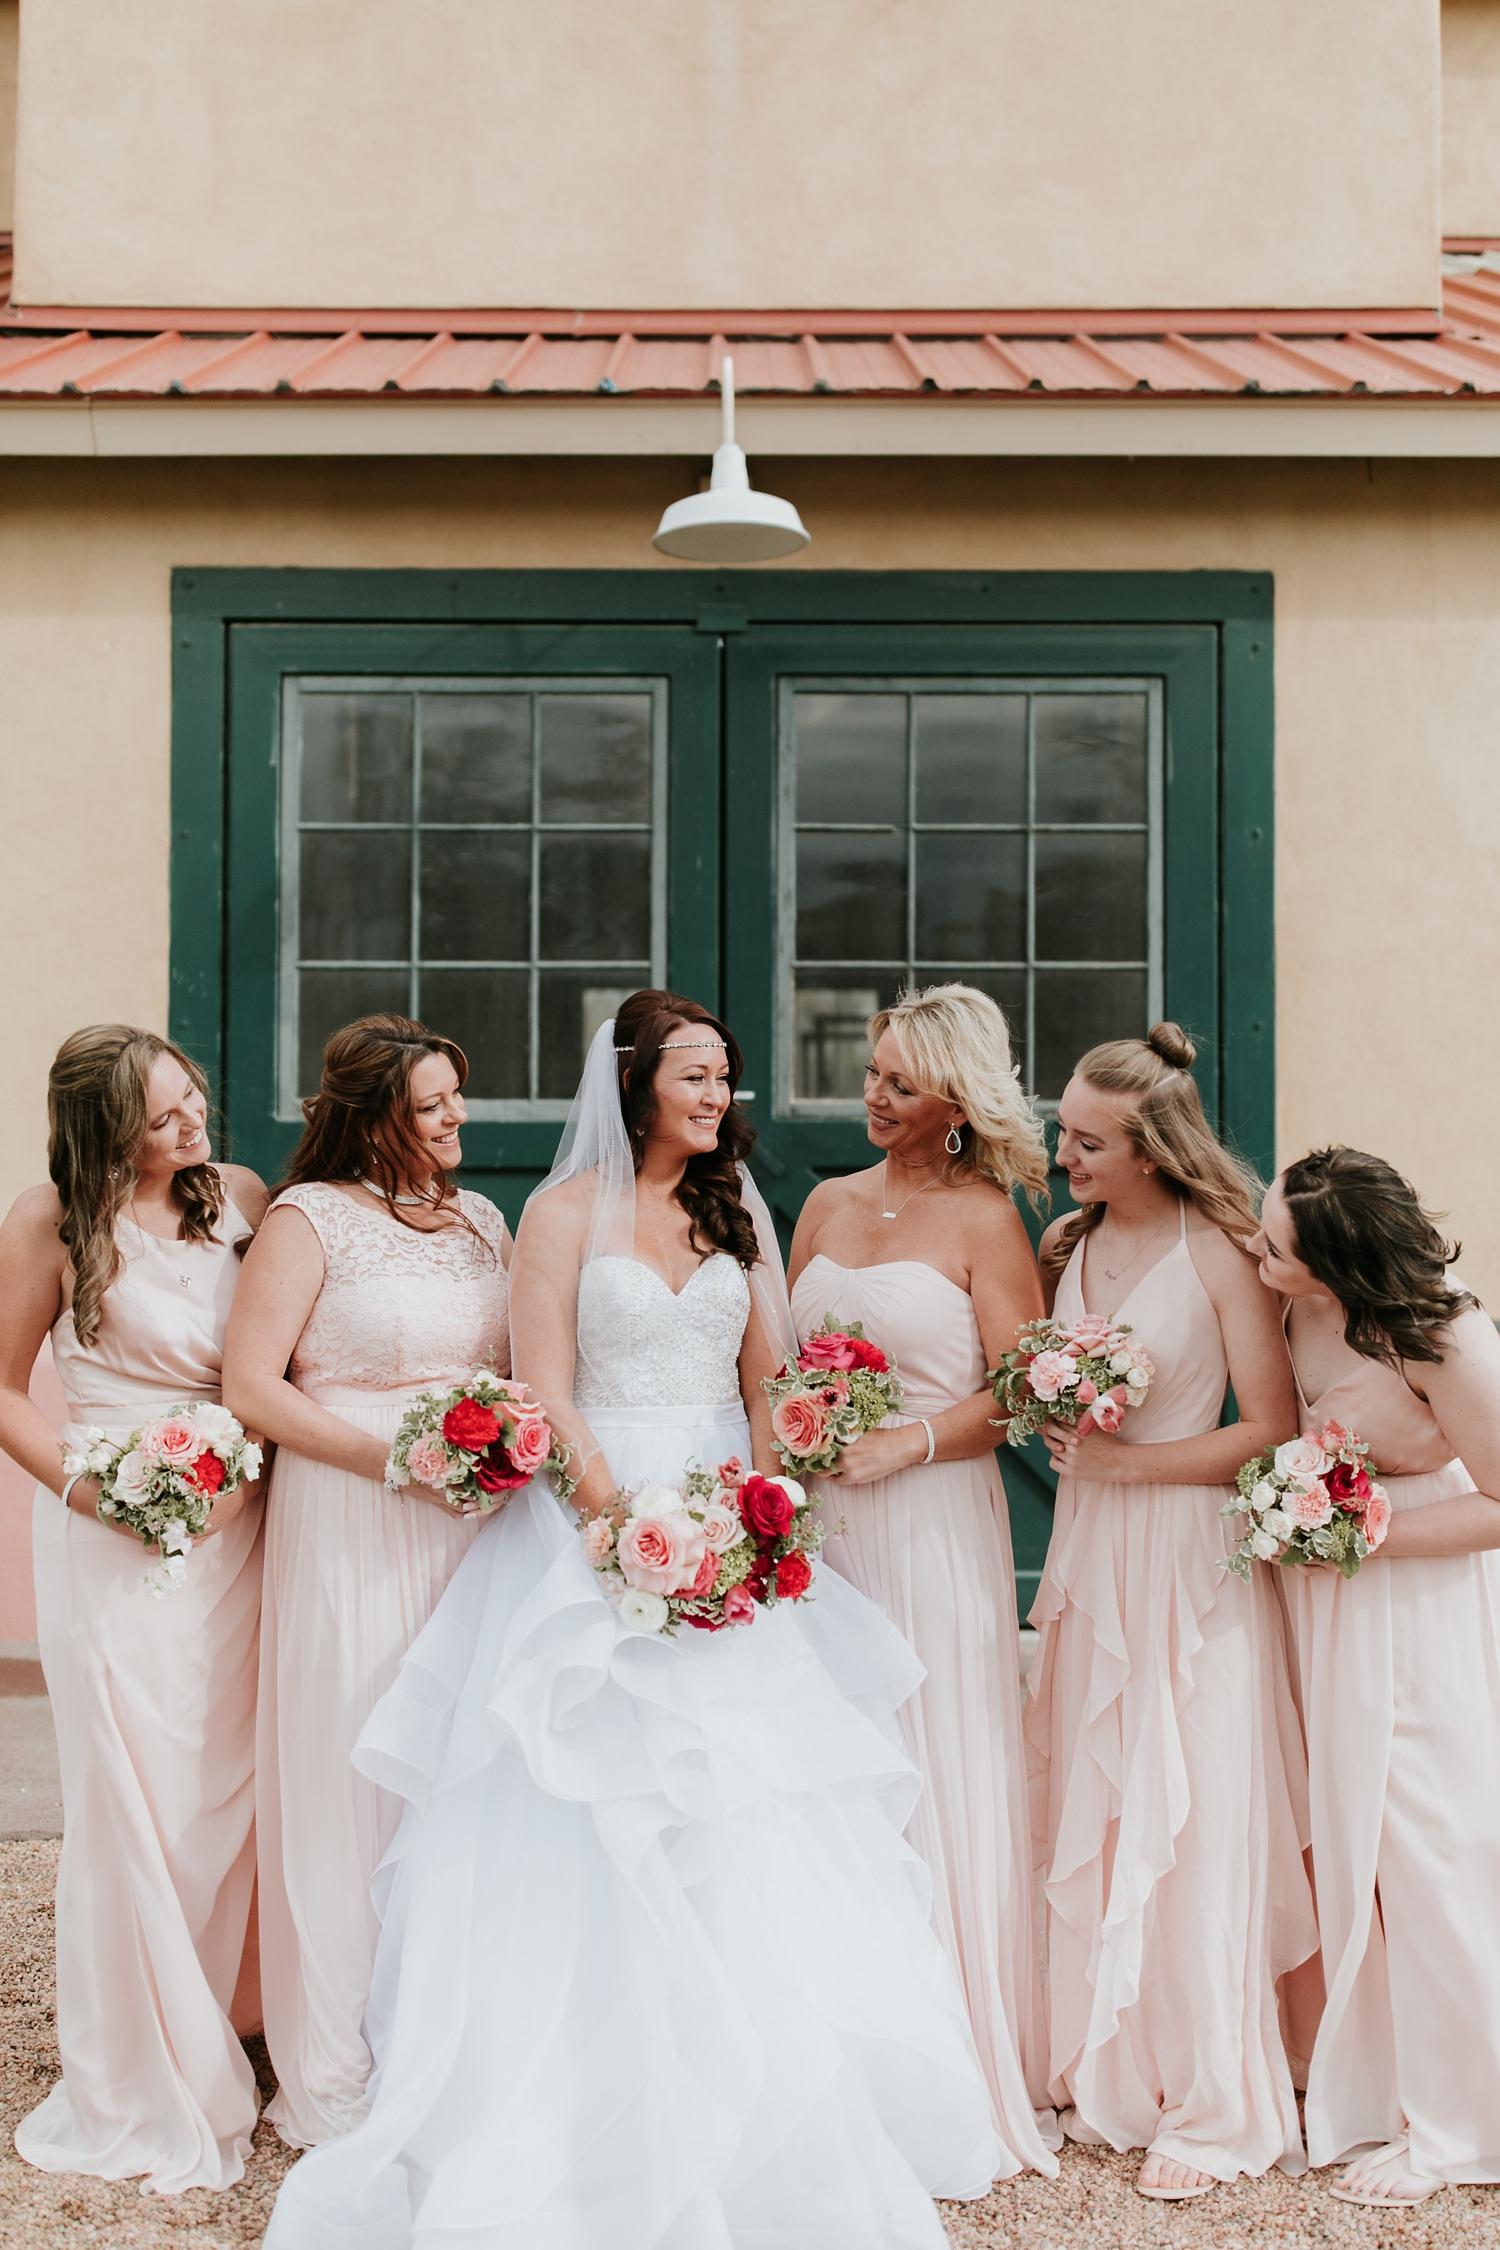 Alicia+lucia+photography+-+albuquerque+wedding+photographer+-+santa+fe+wedding+photography+-+new+mexico+wedding+photographer+-+new+mexico+engagement+-+la+mesita+ranch+wedding+-+la+mesita+ranch+spring+wedding_0045.jpg